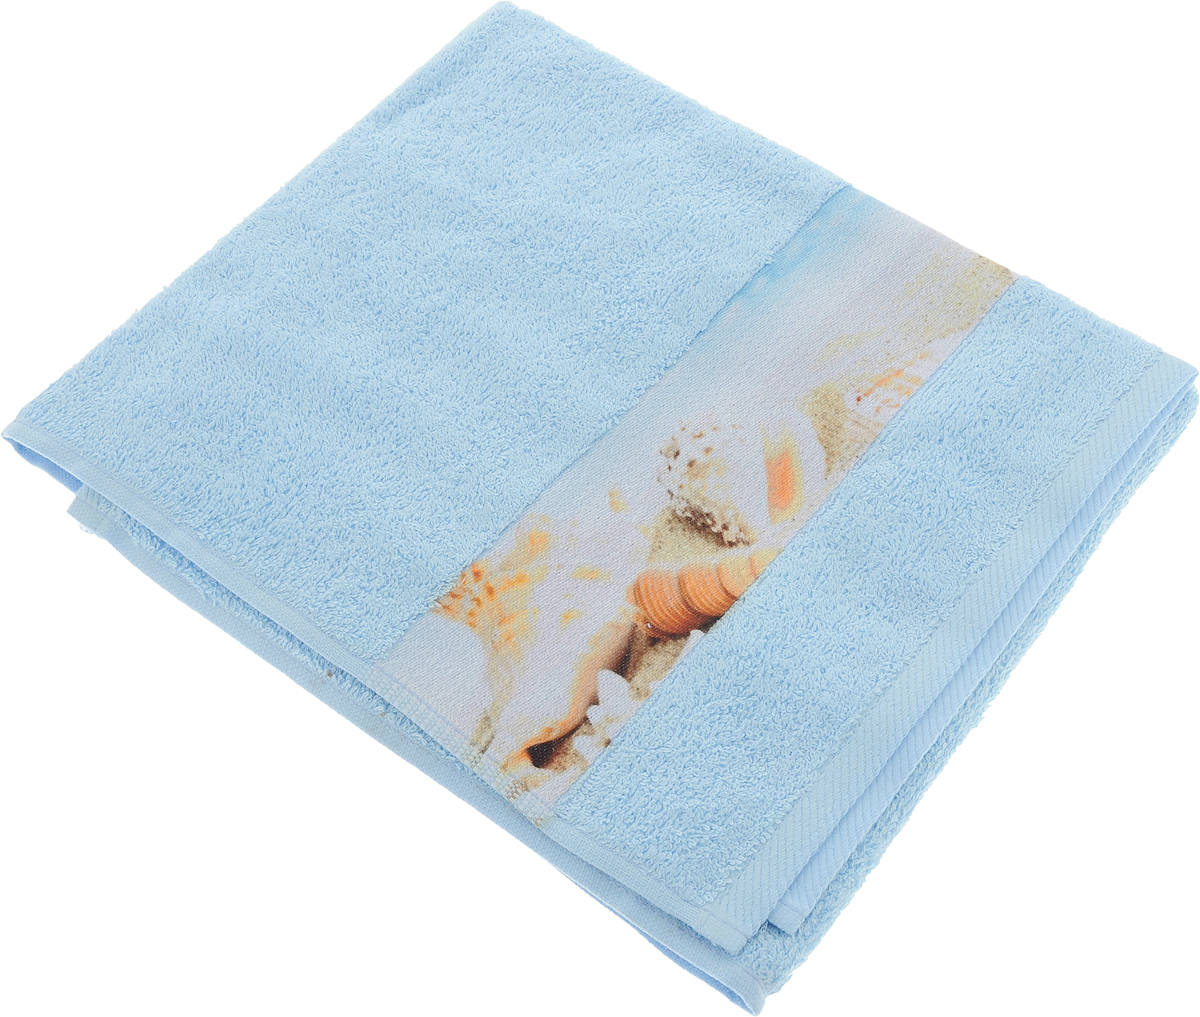 Полотенце банное Aquarelle Фотобордюр. Ракушки 1, цвет: васильковый, 50 х 90 см полотенце махровое aquarelle таллин 1 цвет ваниль 50 х 90 см 707762